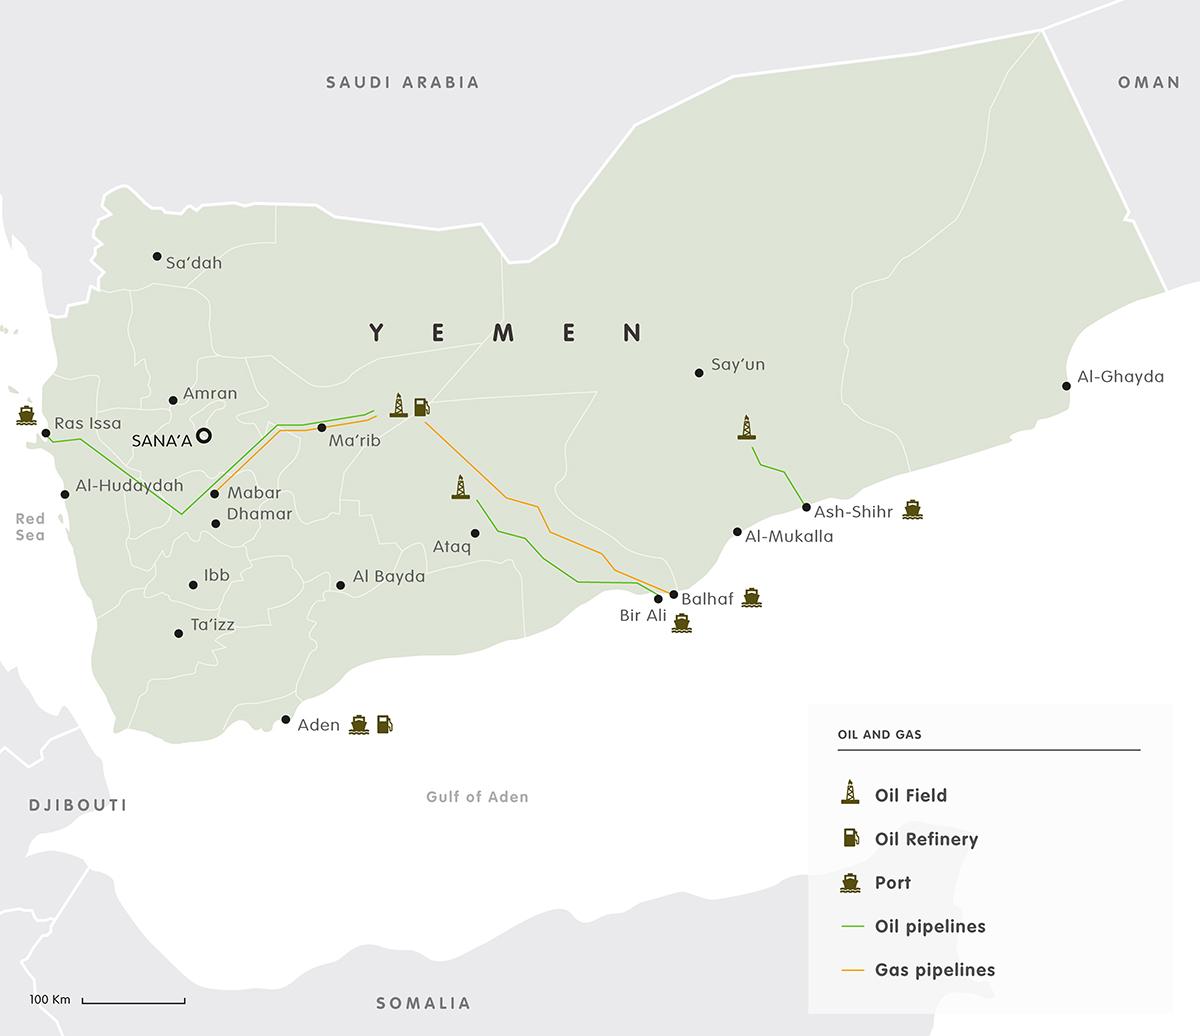 Oli and gas map Yemen 2017